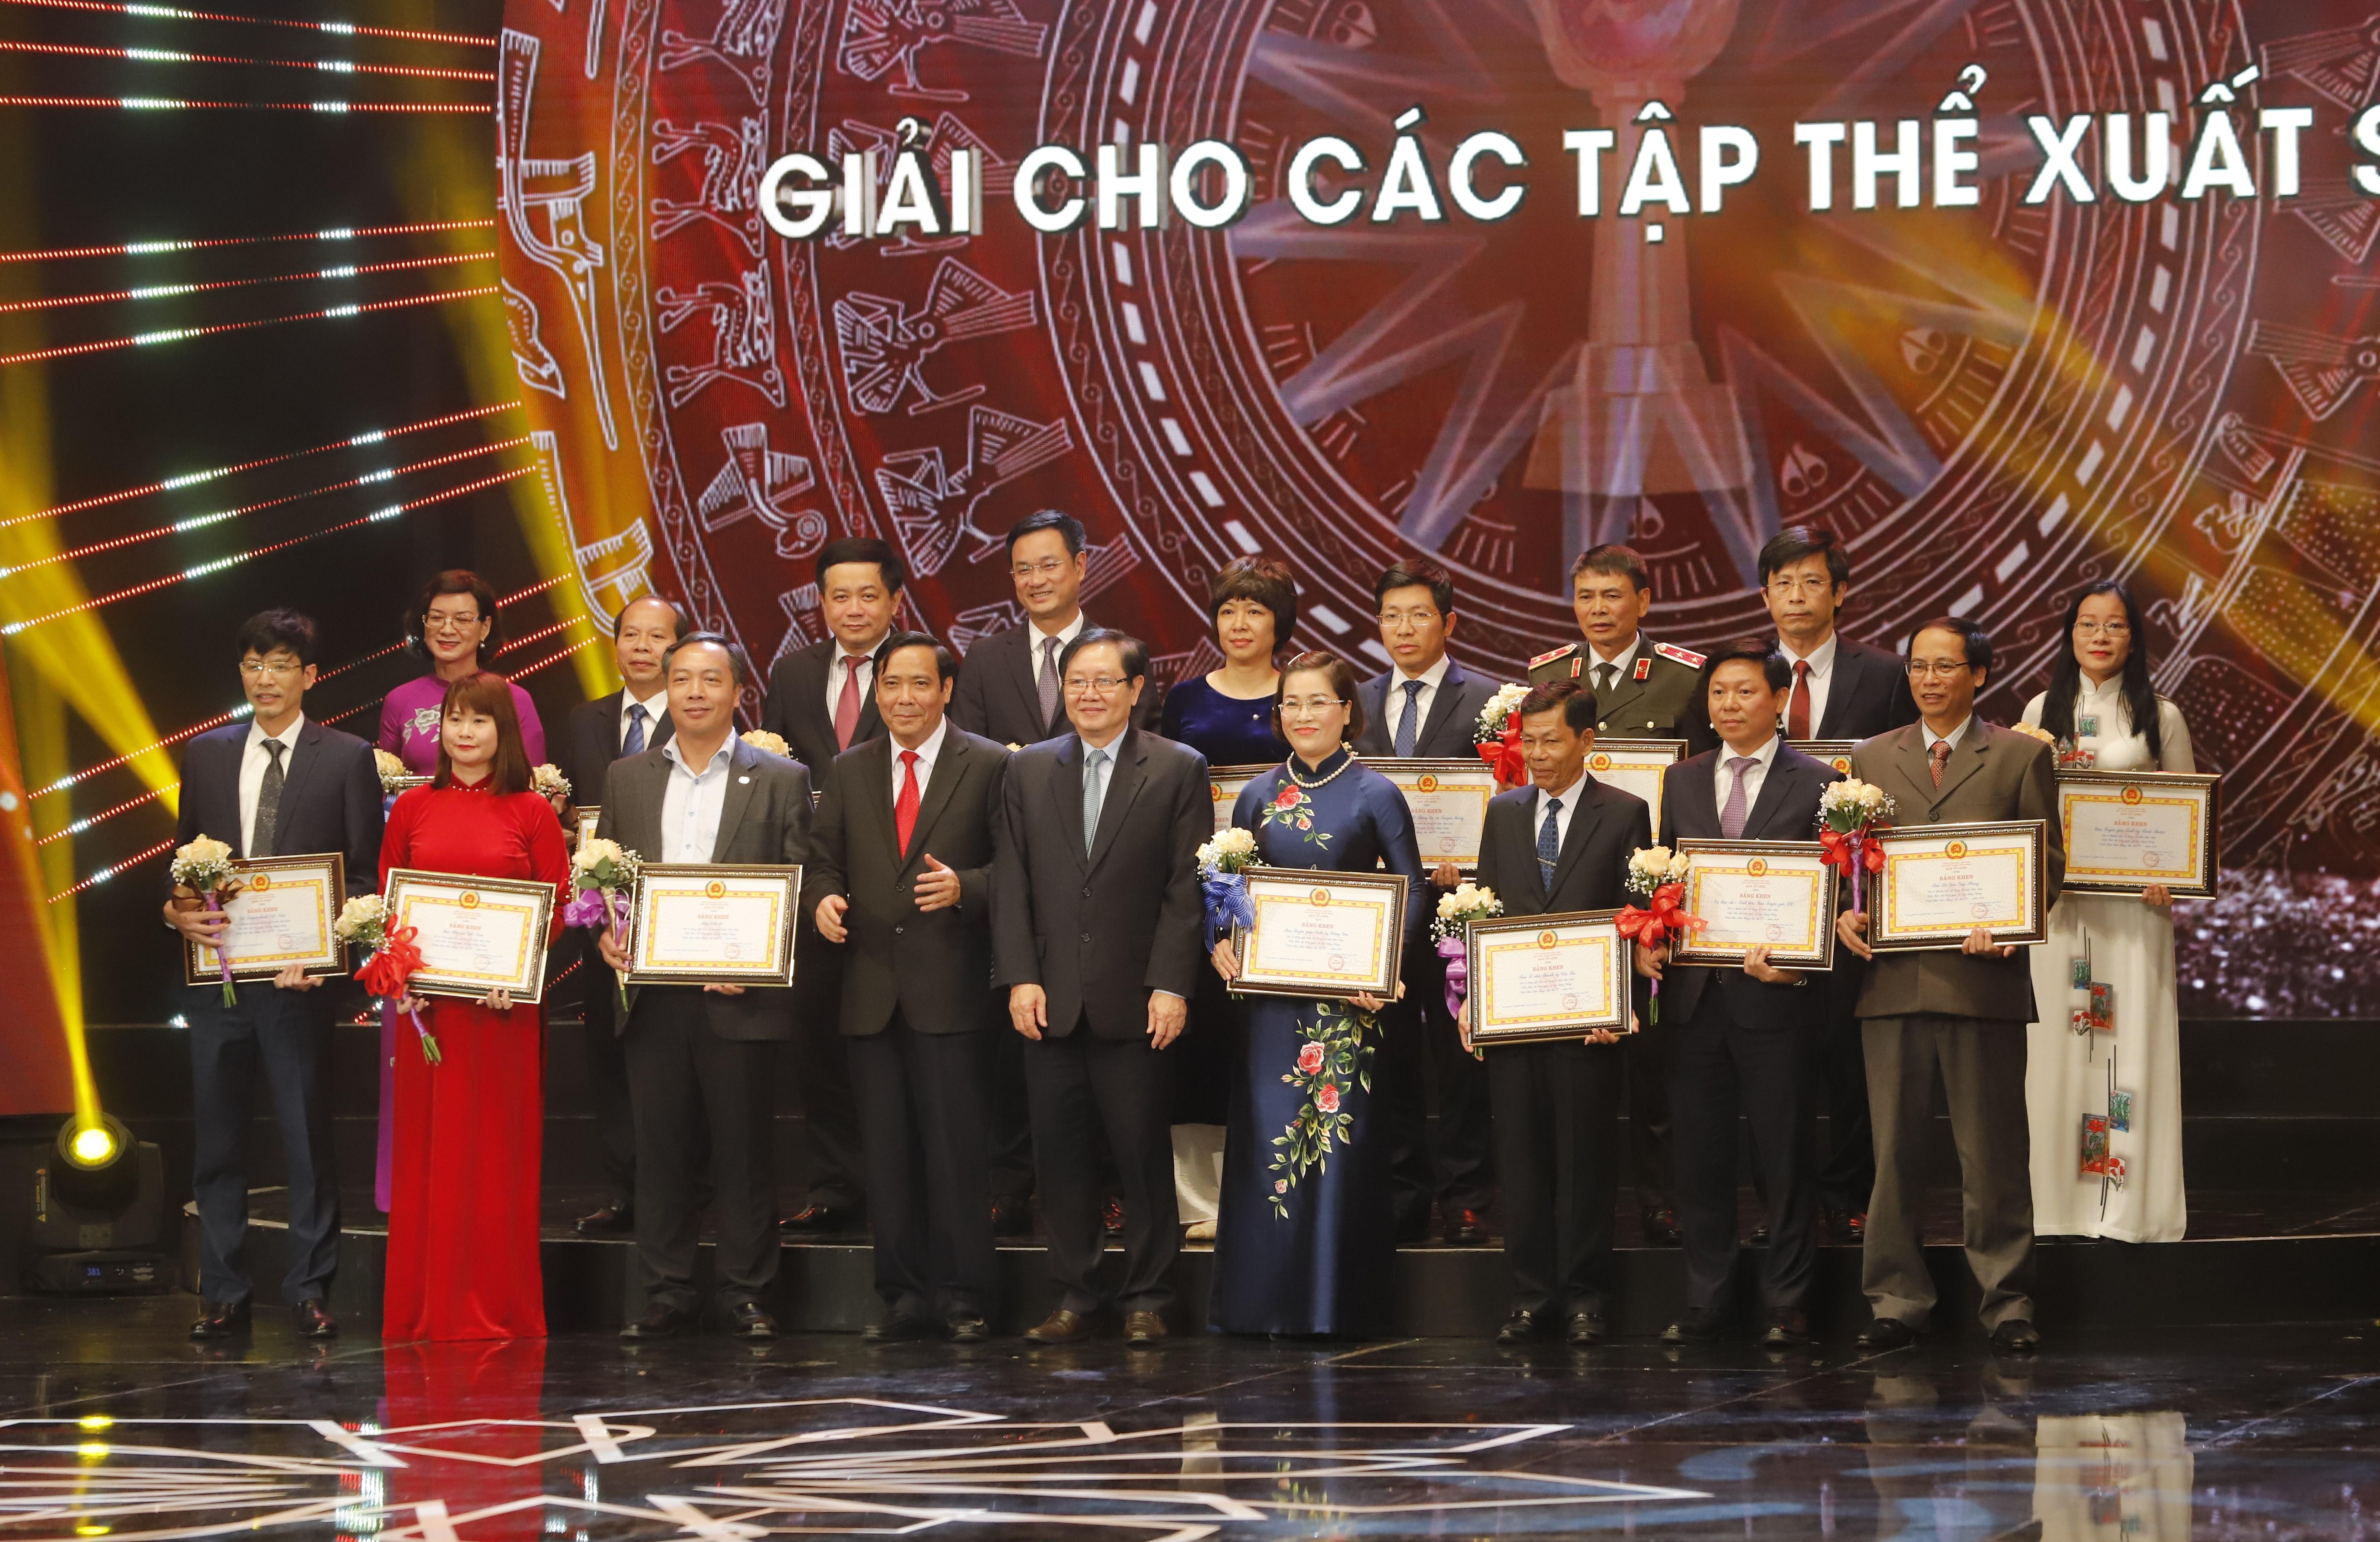 Ban Tổ chức trao giải cho 16 tập thể tiêu biểu xuất sắc